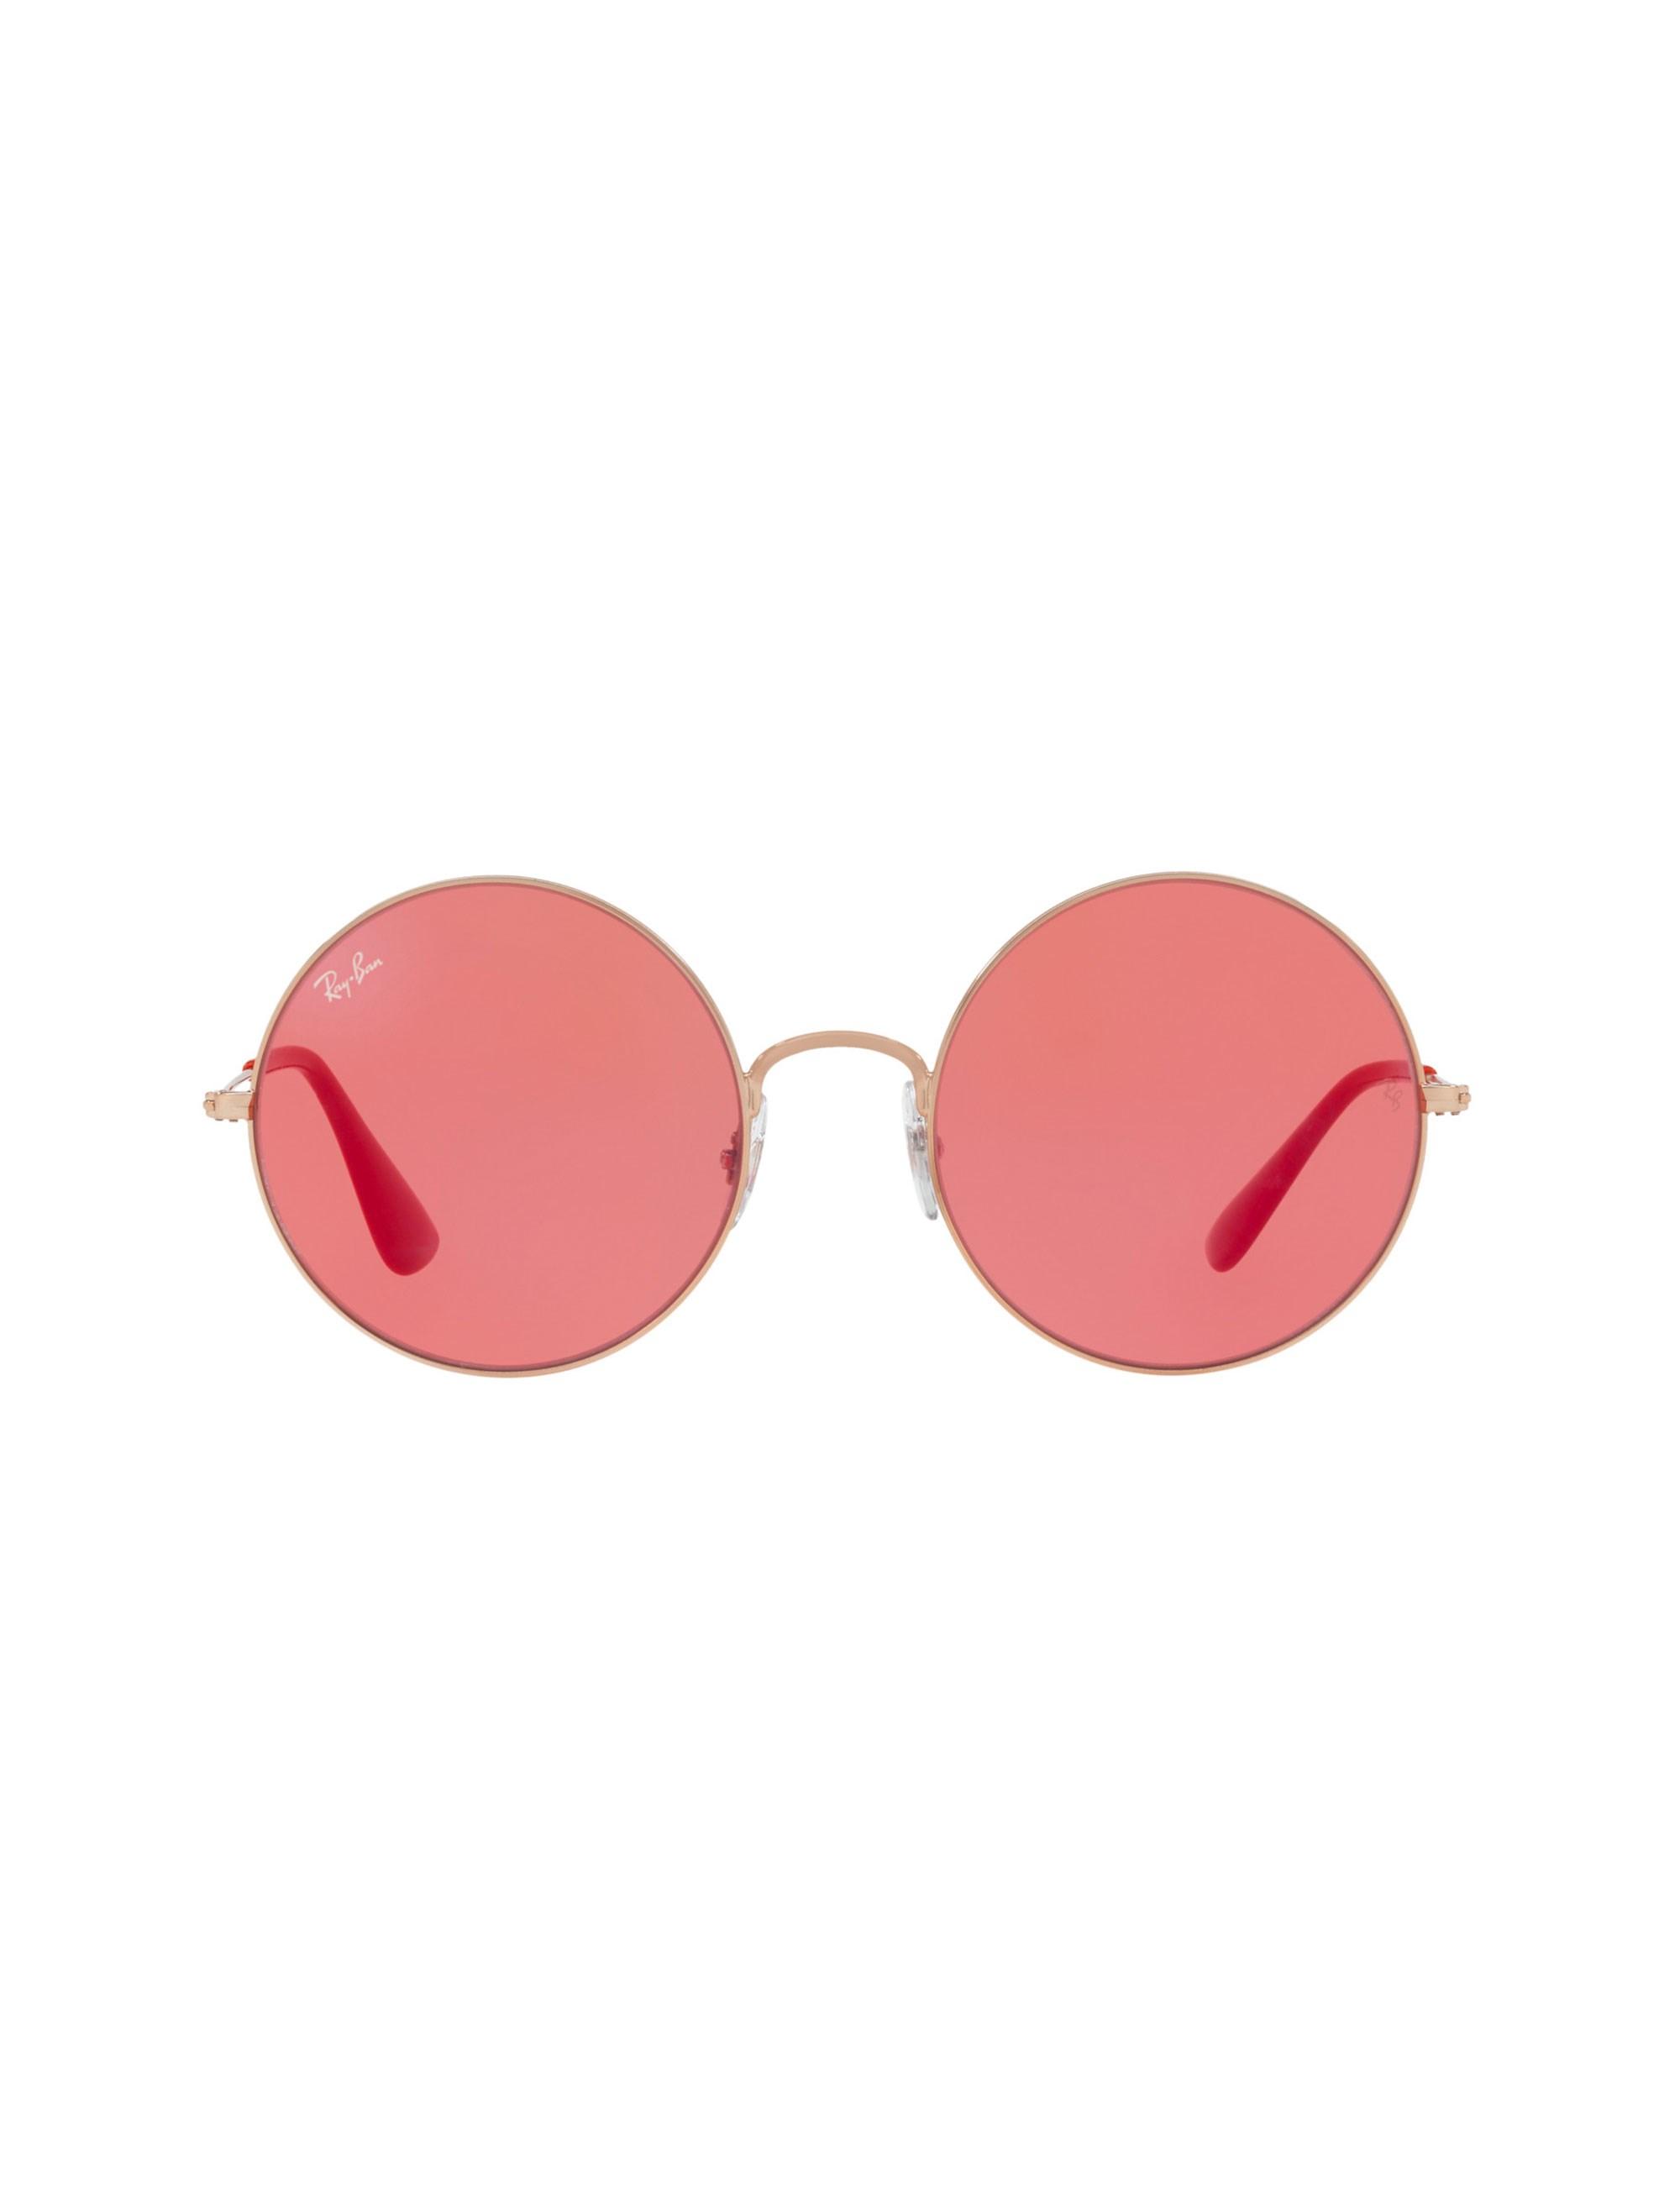 قیمت عینک آفتابی گرد زنانه - ری بن